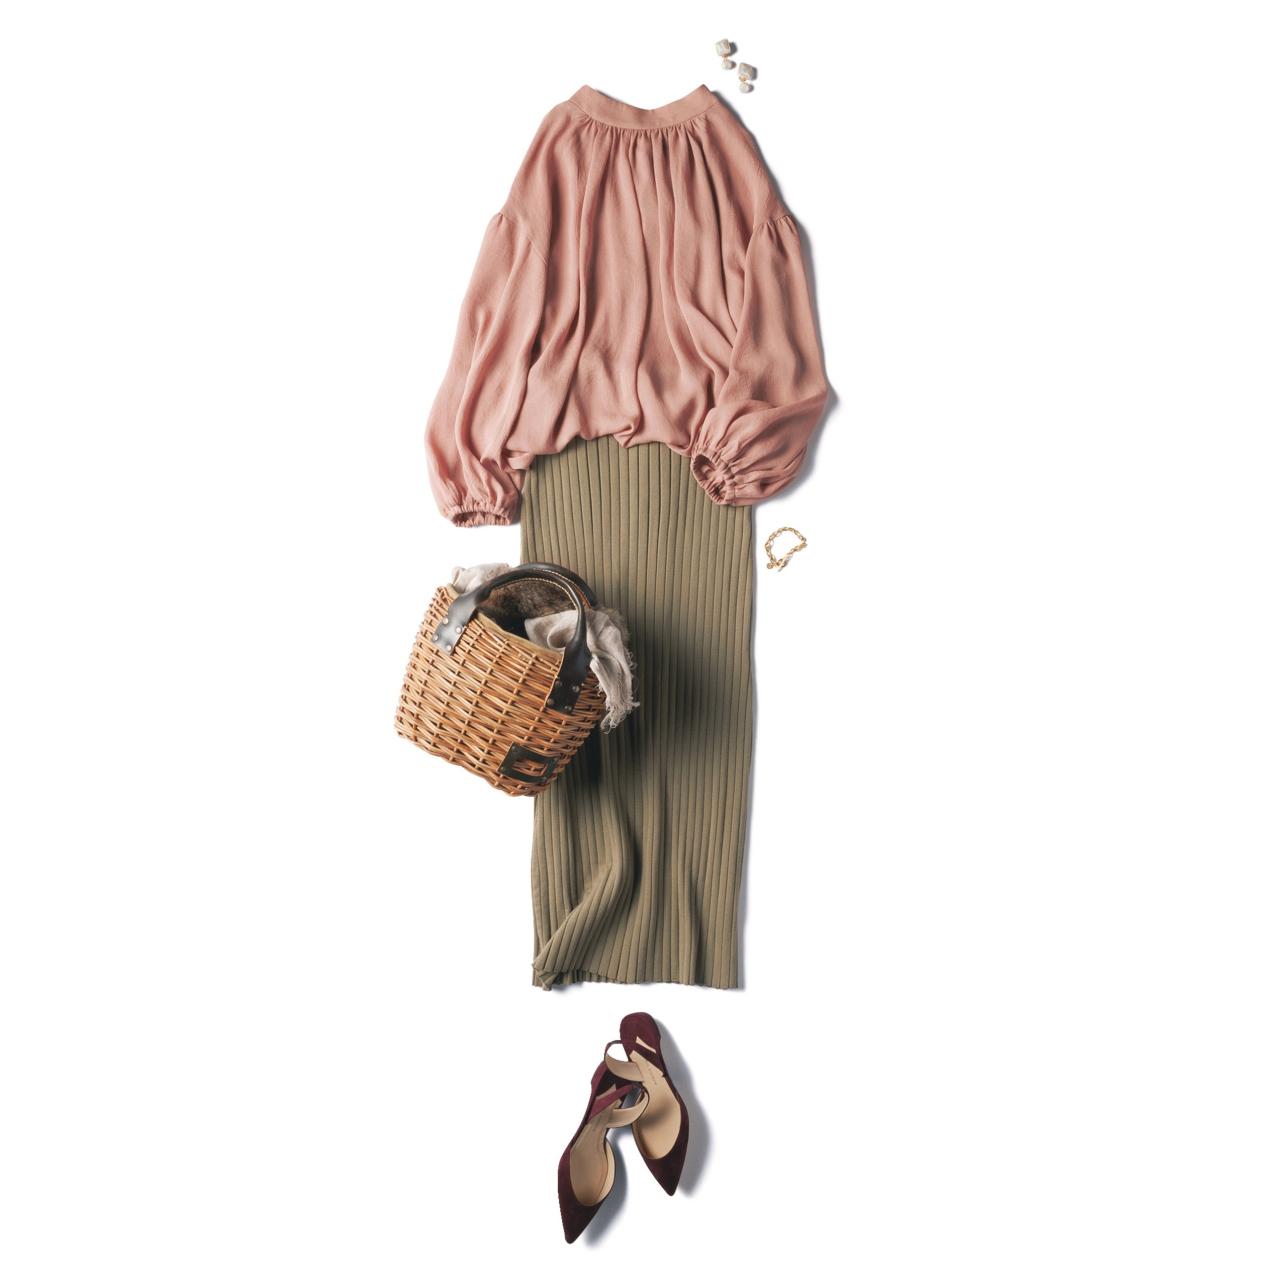 ピンクのシフォンブラウス×タイトスカートのファッションコーデ